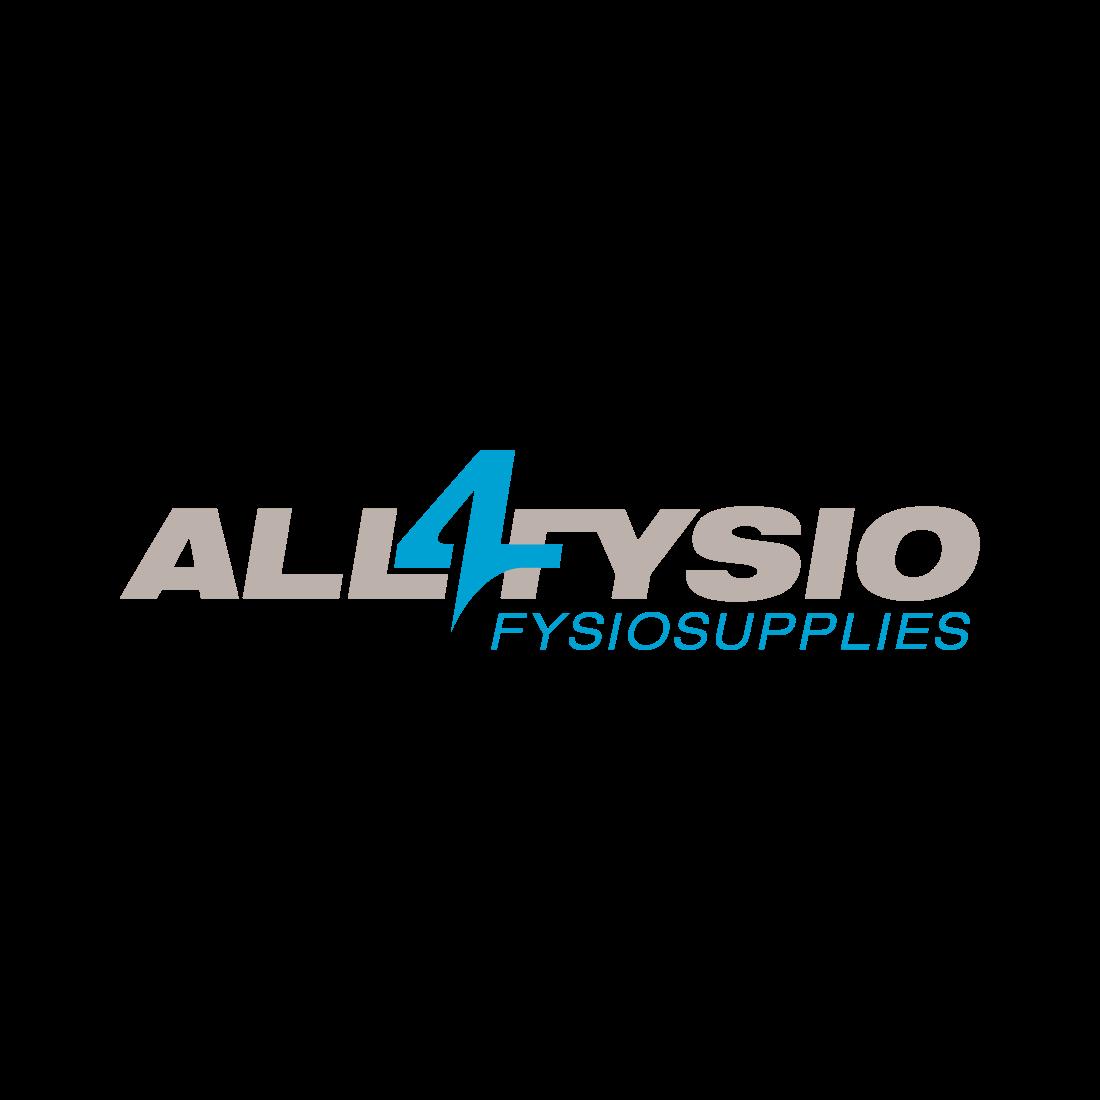 Deze Sockwell Ascend is een middelhoge heren wandelsok in de kleur grijs. De sok is voorzien van klasse 1 compressie voor een optimale bloedsomloop. Voel u langer energiek, verklein de kans op spierpijn en voorkom blaren. De hoogwaardige materialen houden